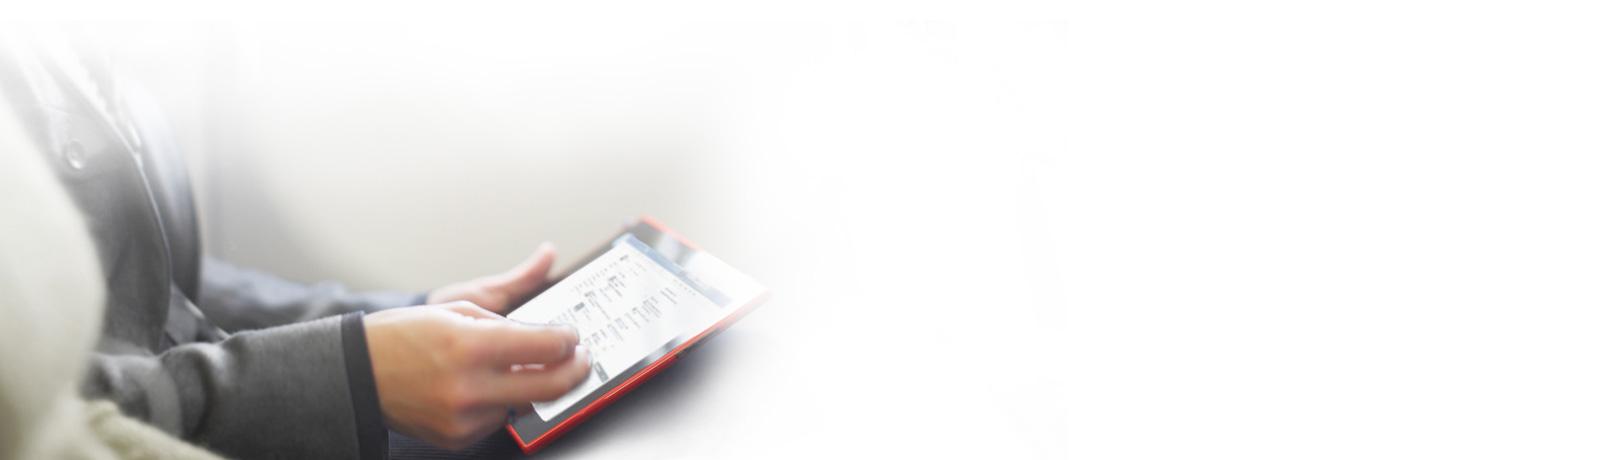 Close-up seseorang sedang duduk, bekerja di tablet yang sedang dipegang di tangan kirinya.